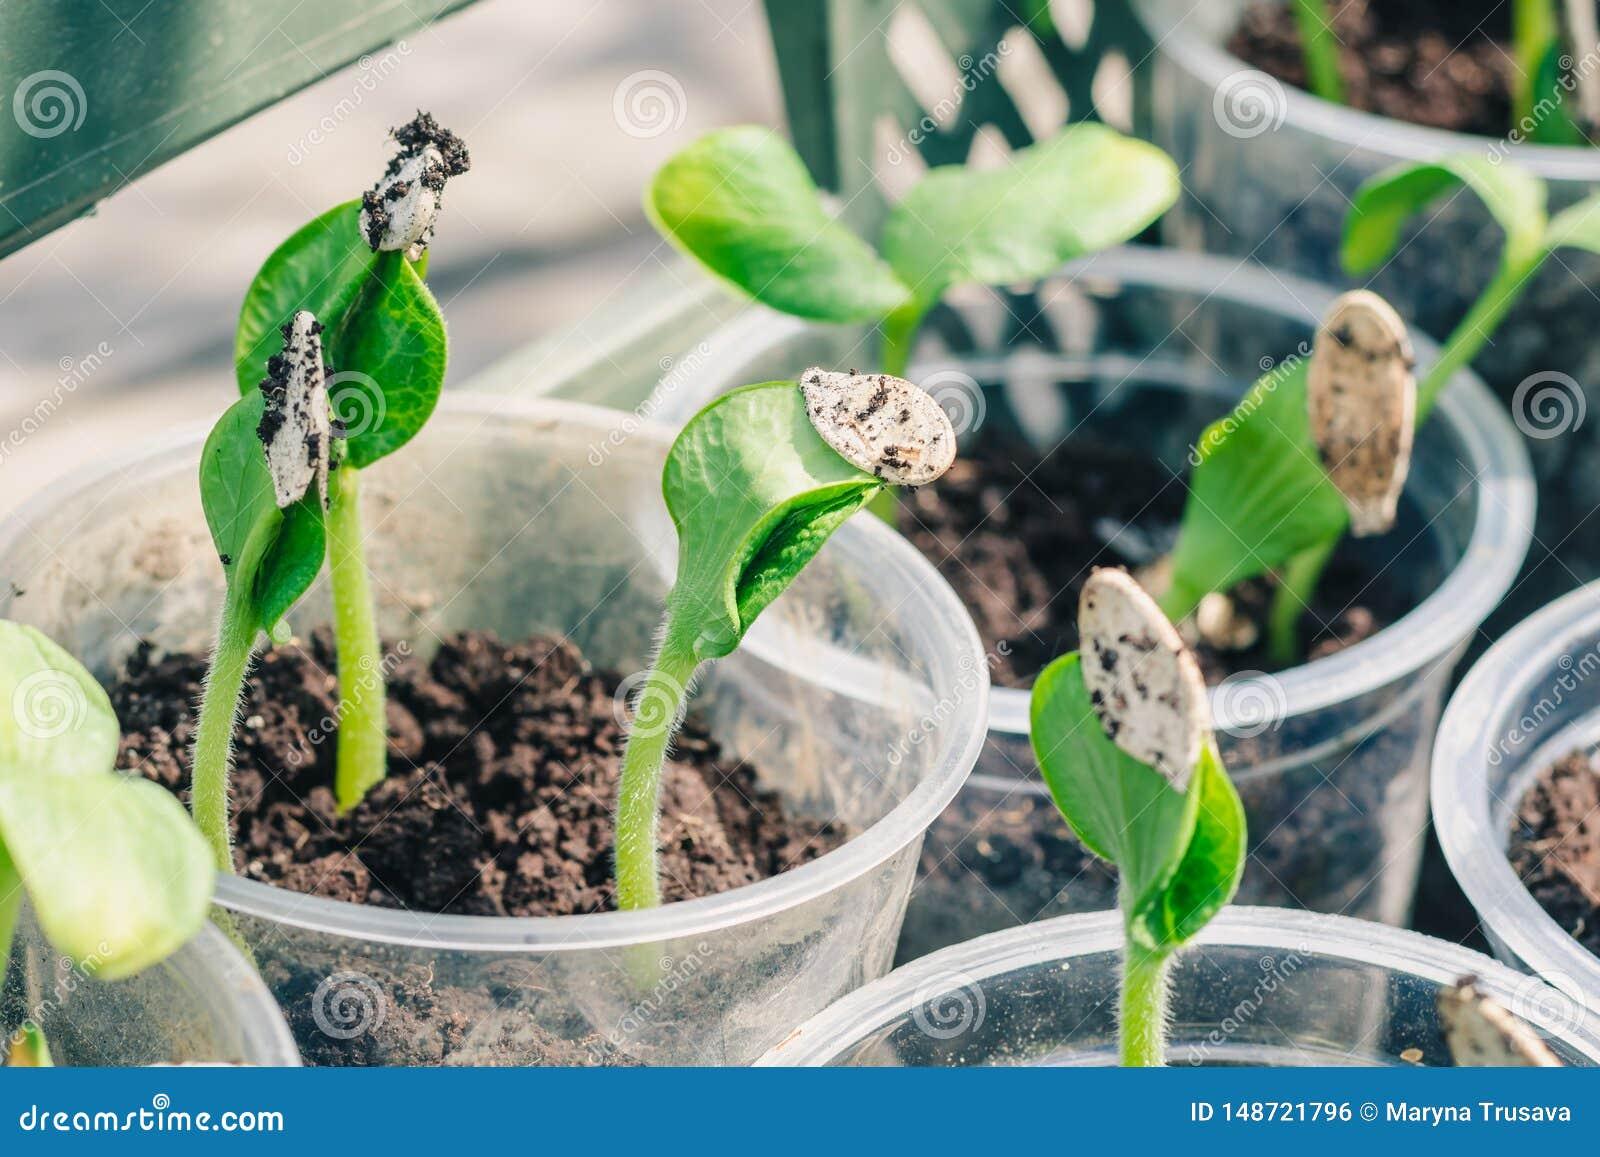 Jeunes pousses vertes de potiron, préparées pour débarquer dans la terre ouverte